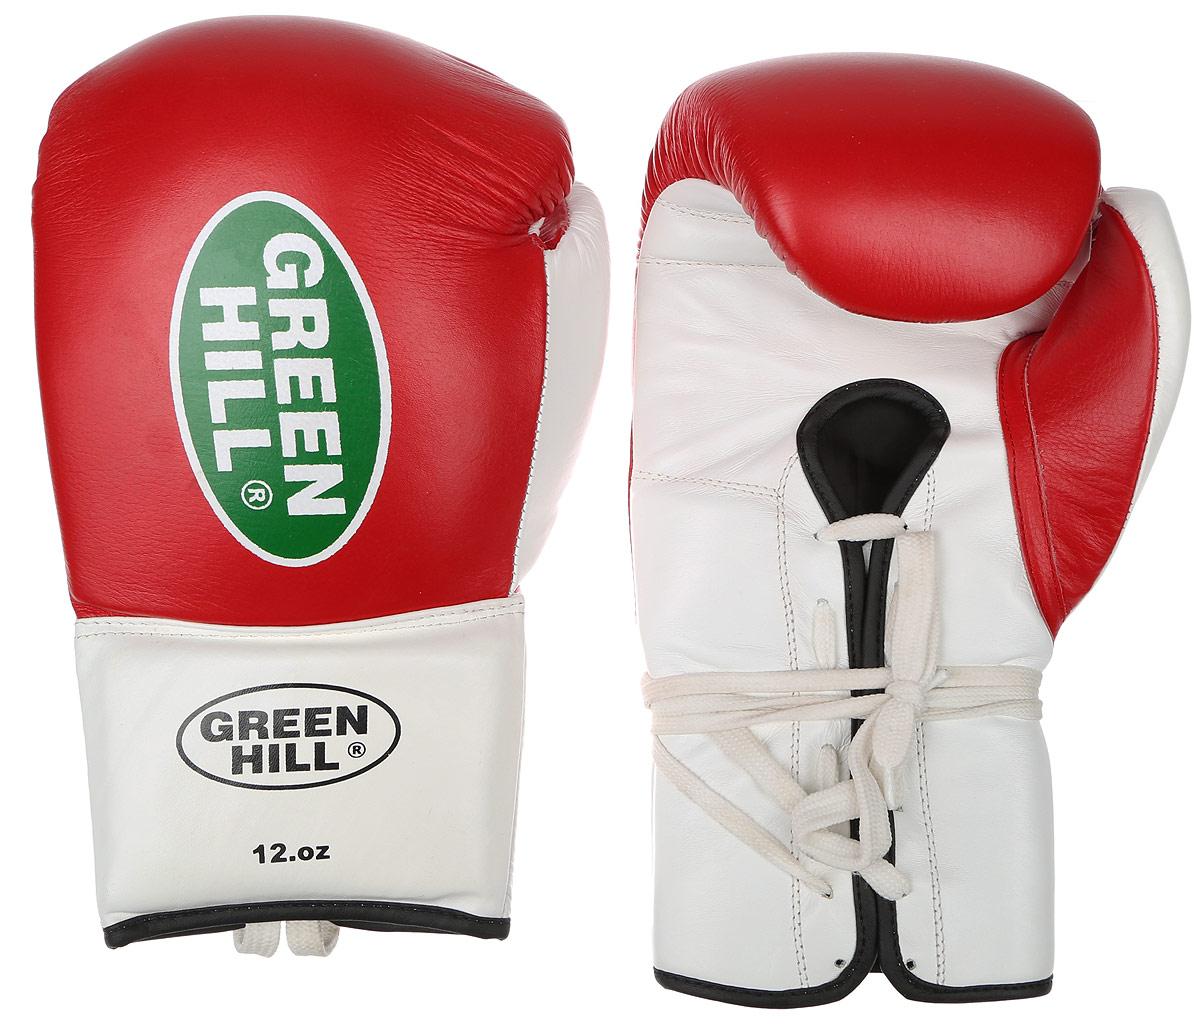 Перчатки боксерские Green Hill Proffi, цвет: красный, белый. Вес 12 унций. BGP-2014BGP-2014Боксерские перчатки Green Hill Proffi предназначены для использования профессионалами. Верх выполнен из натуральной кожи, наполнитель - из вспененного полимера. Отверстие в области ладони позволяет создать максимально комфортный терморежим во время занятий. Манжет на шнуровке способствует быстрому и удобному надеванию перчаток, плотно фиксирует перчатки на руке.